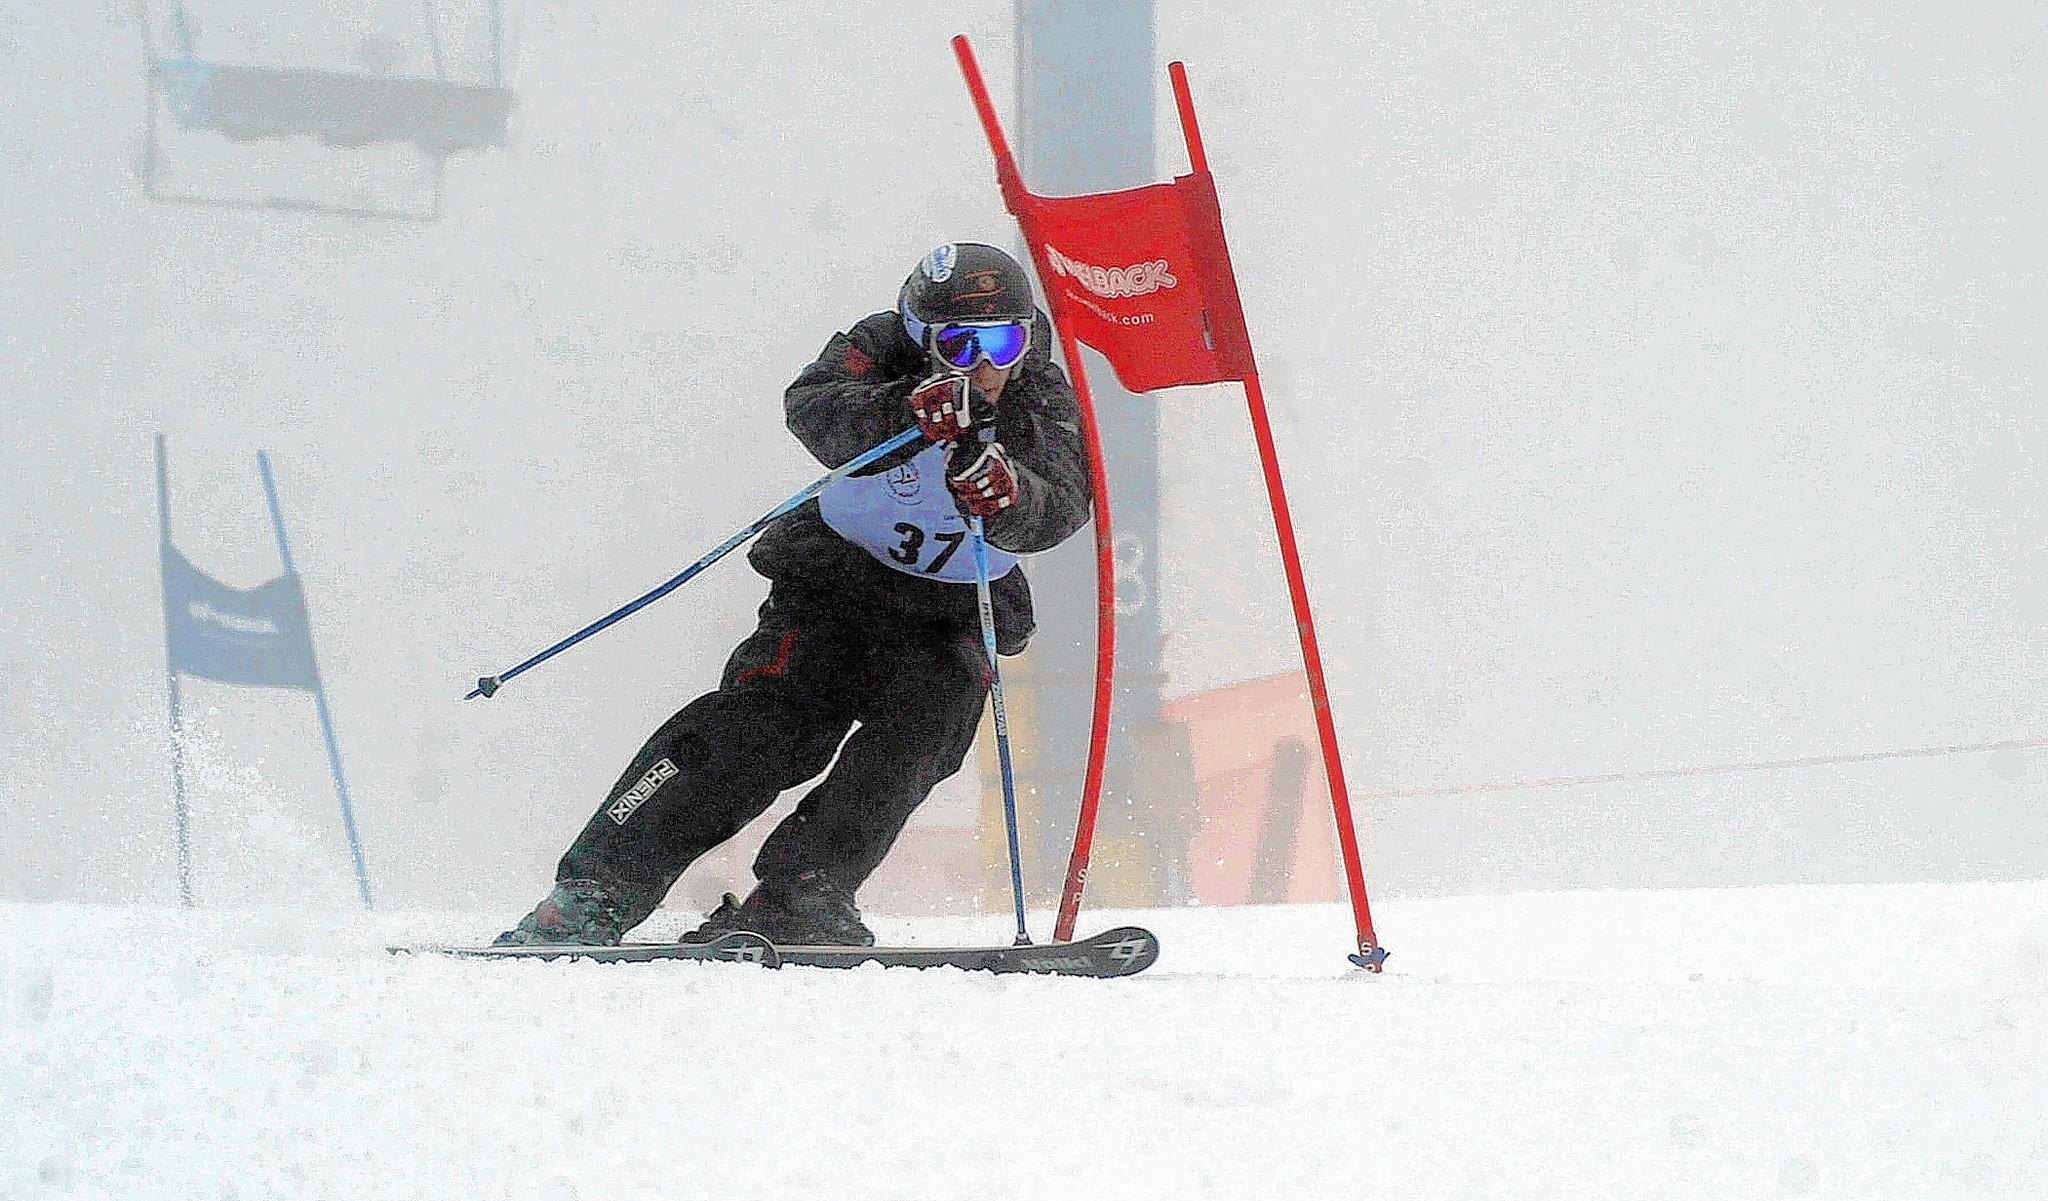 mc-mc-adaptive-ski-jpg-20140217